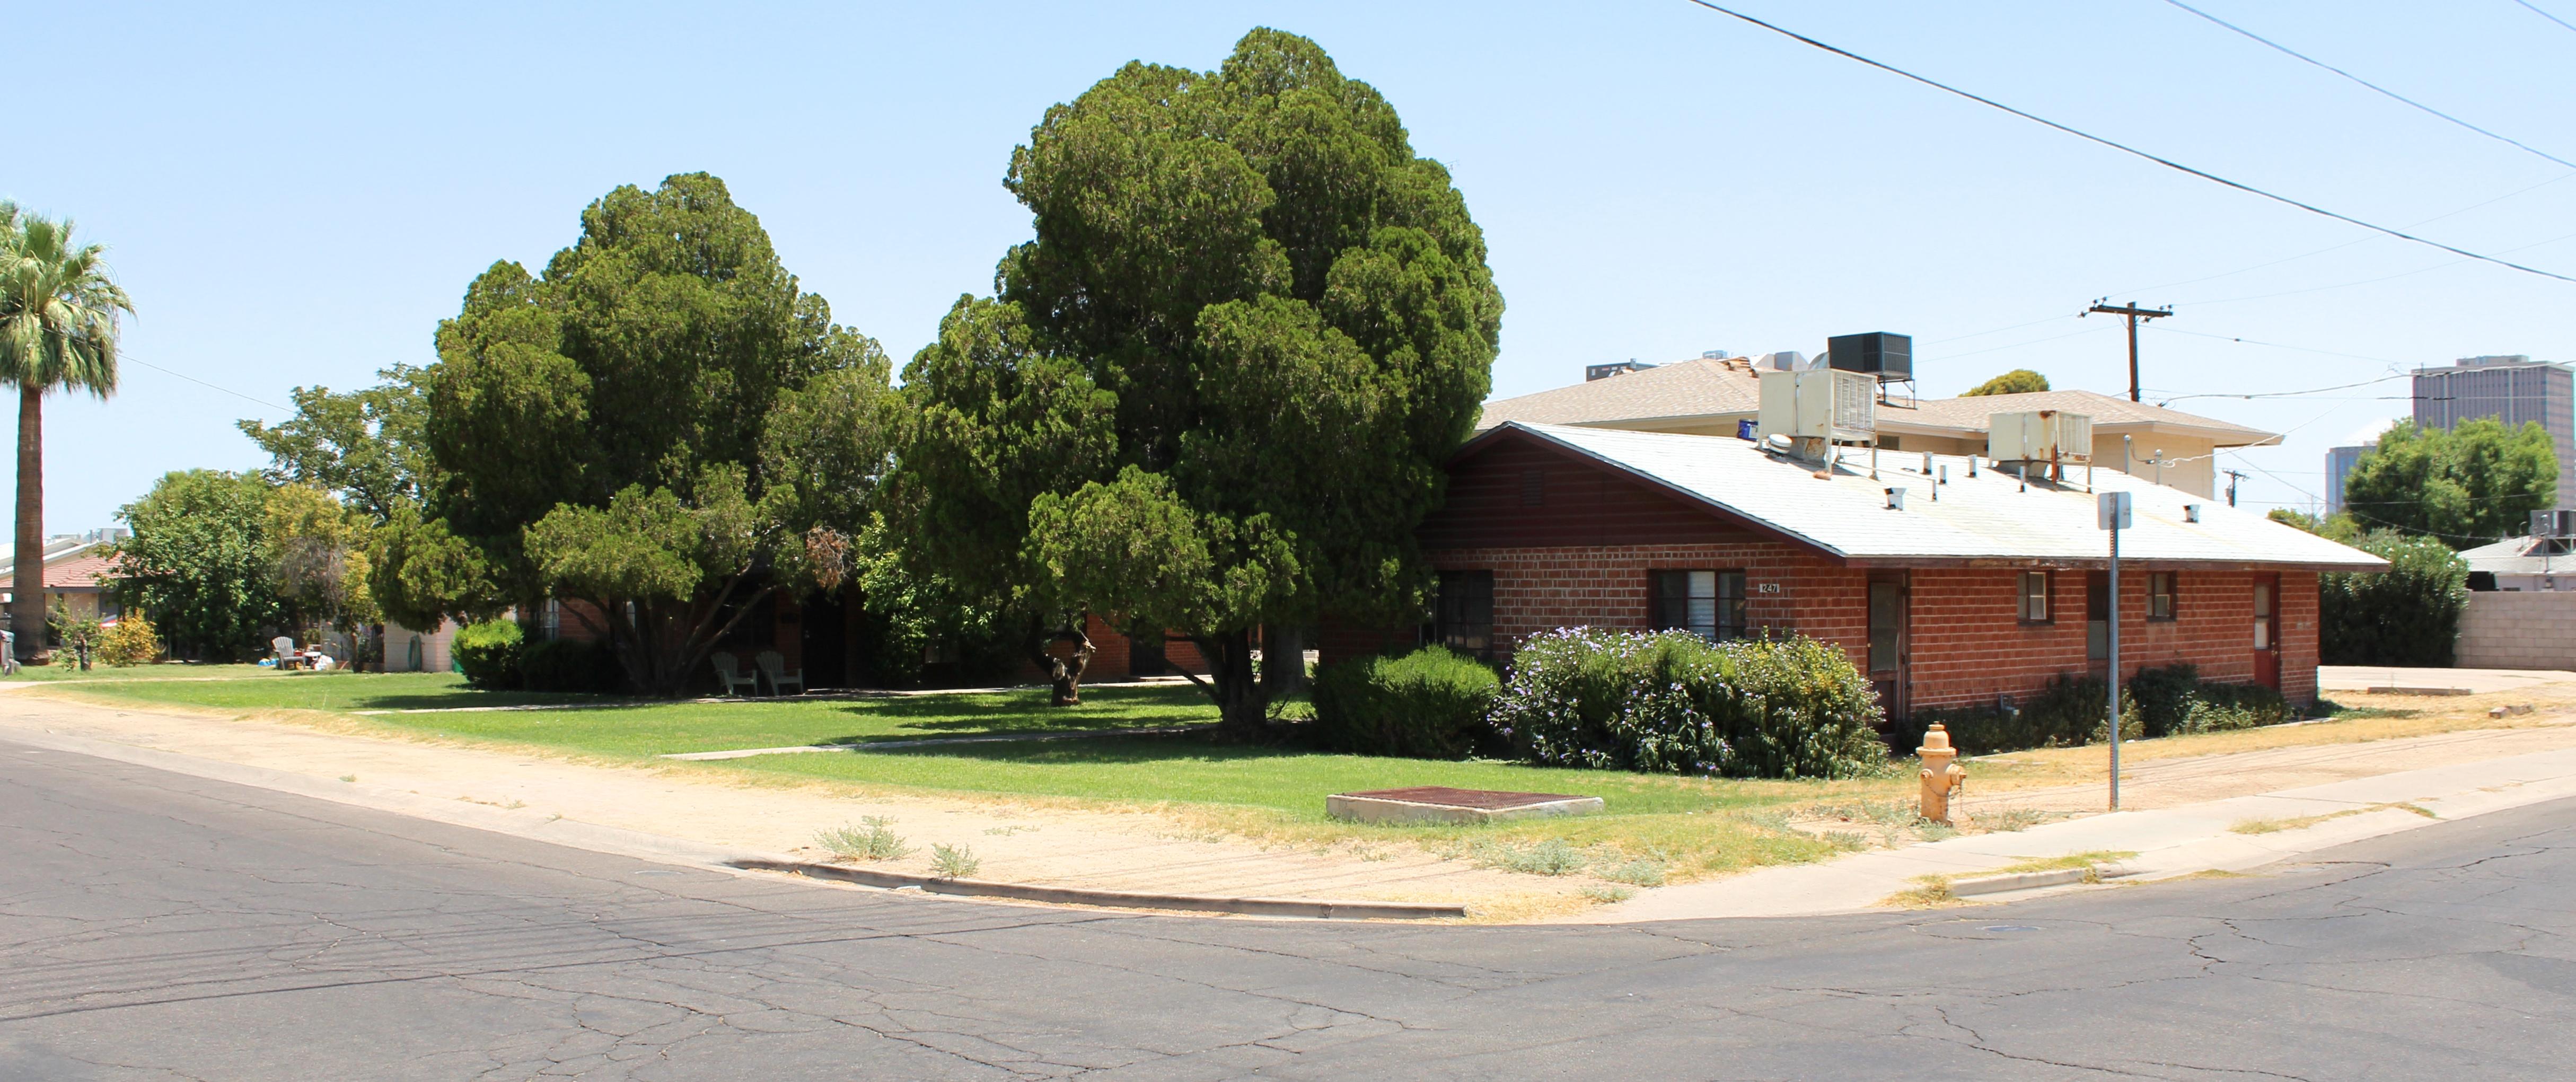 Turney Apartments | Central Phoenix | Vestis Group